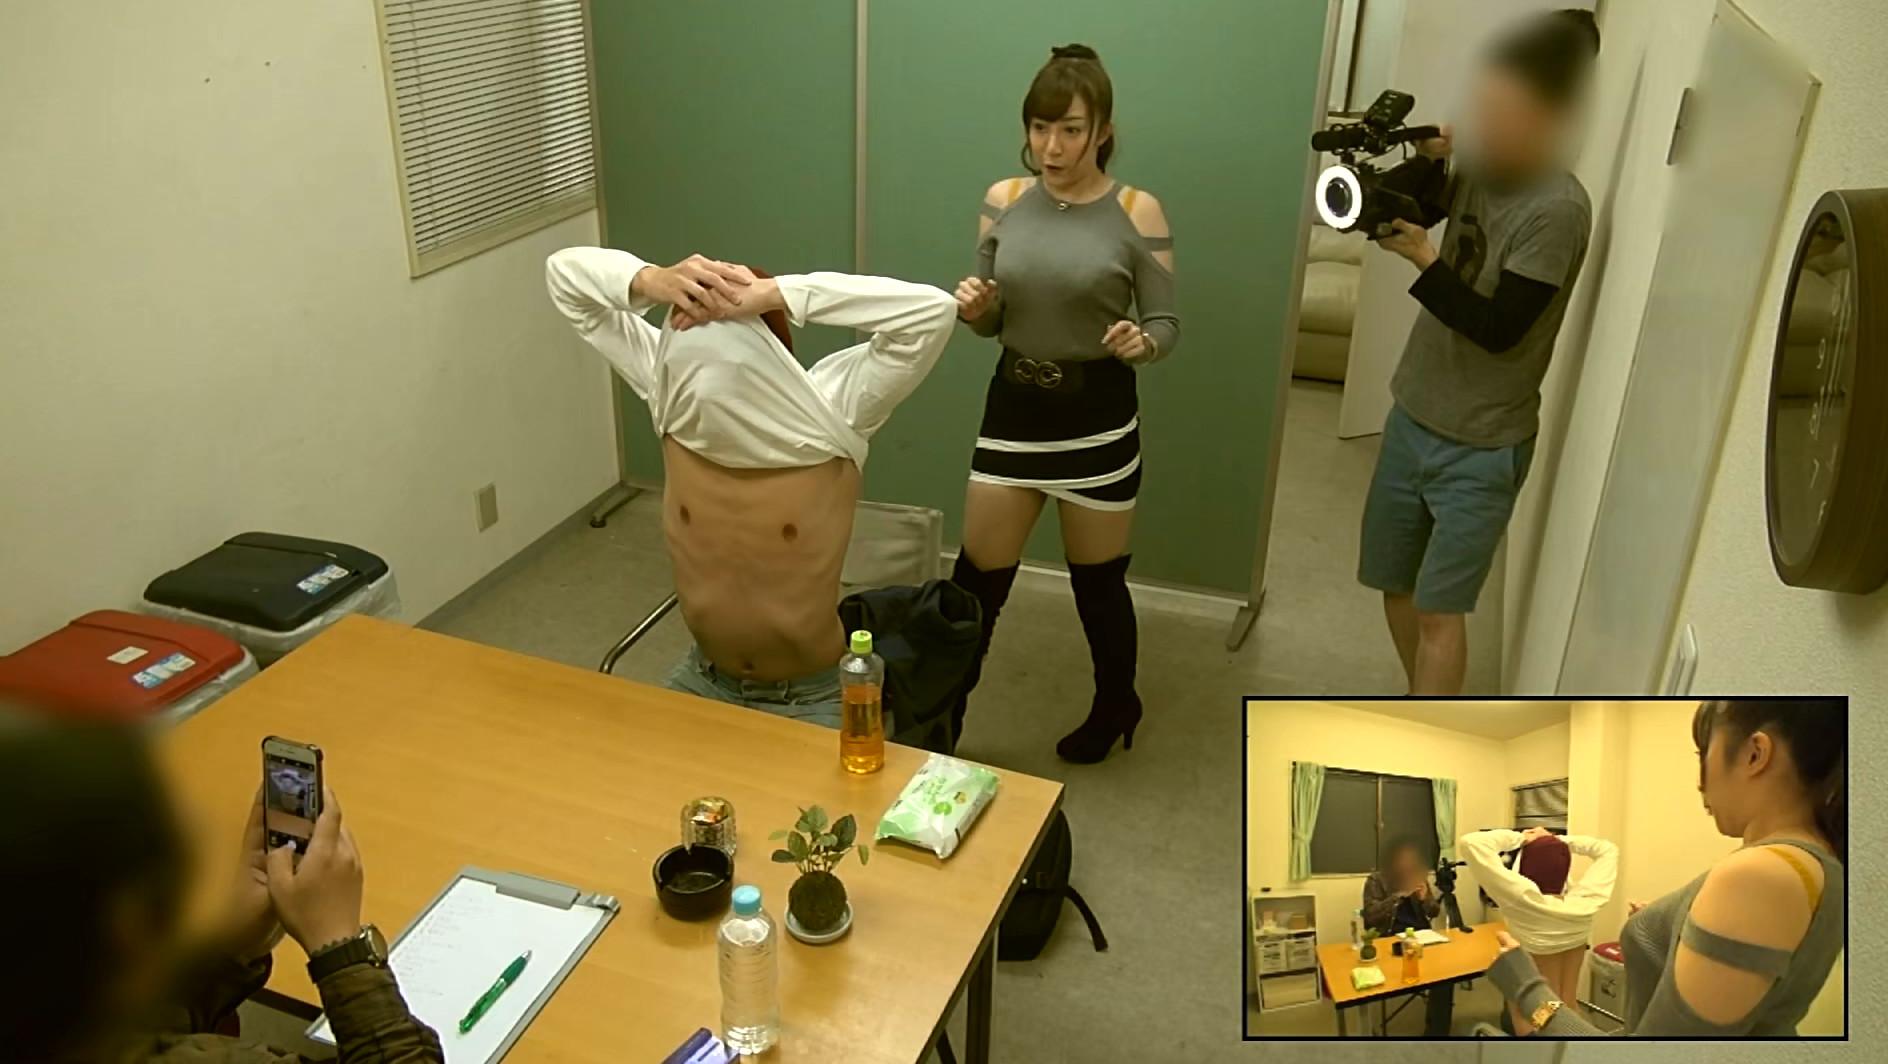 君が「乳首イジメて欲しい・・・」って言ったんじゃん 逢沢まりあ 画像3